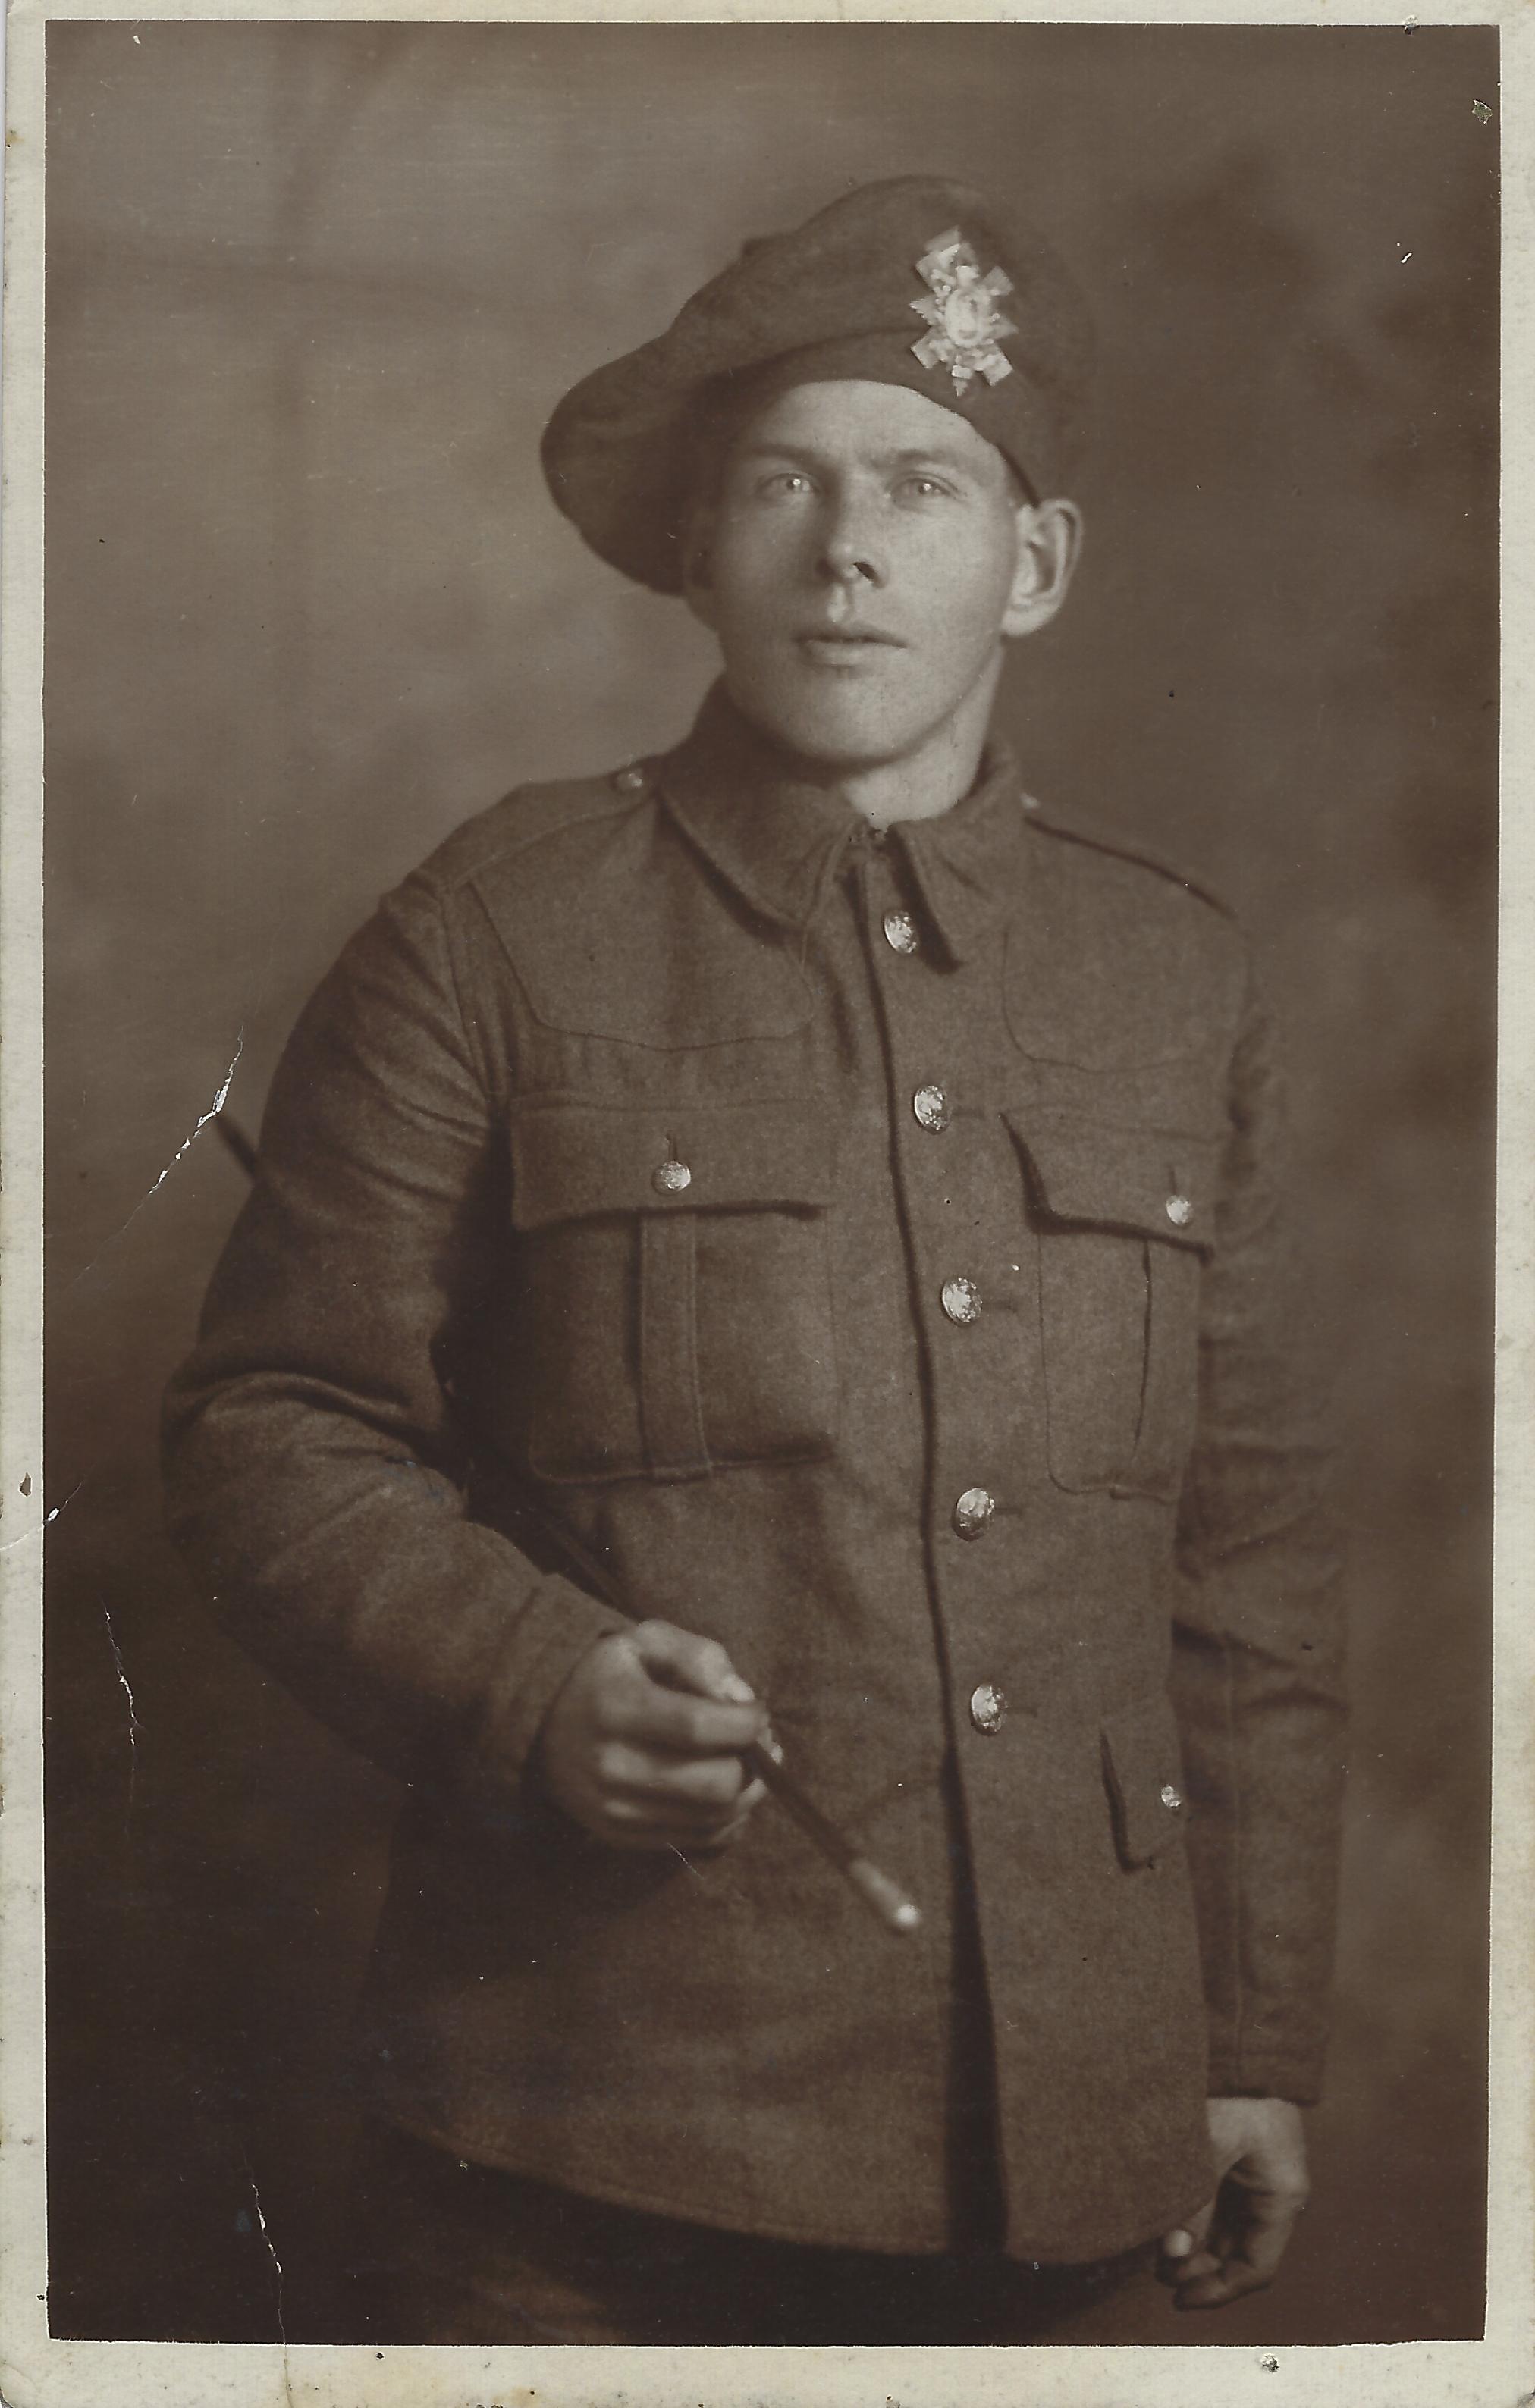 Photo of Sidney Potter